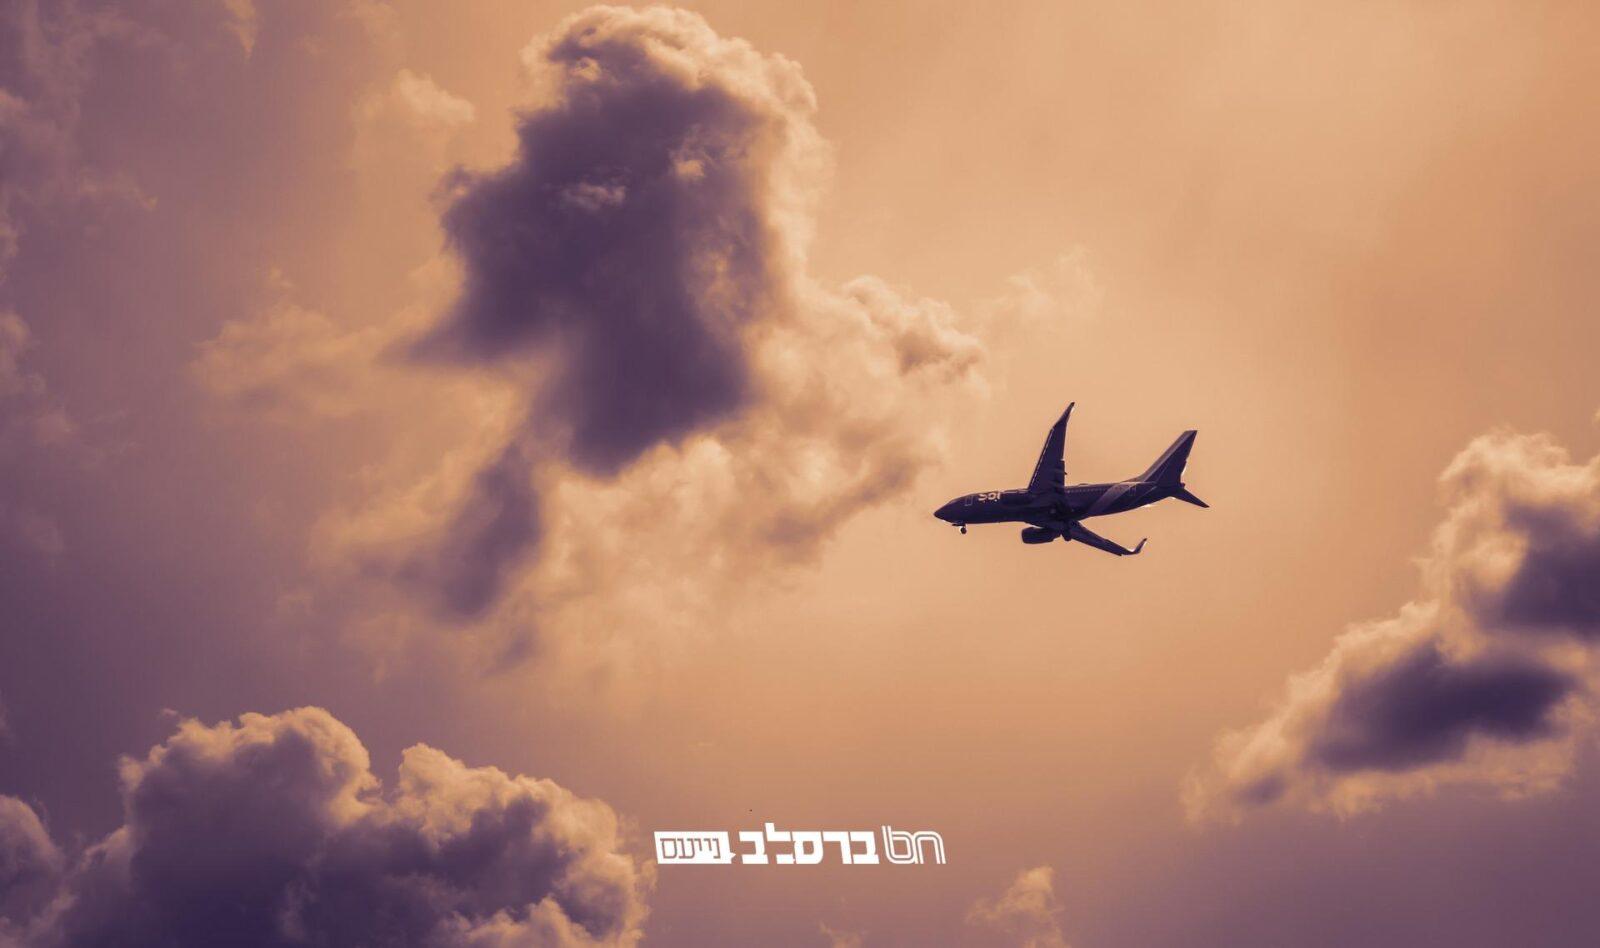 """תעופה • מה שקורה בנתב""""ג בעקבות המצב הביטחוני • מתעדכן"""